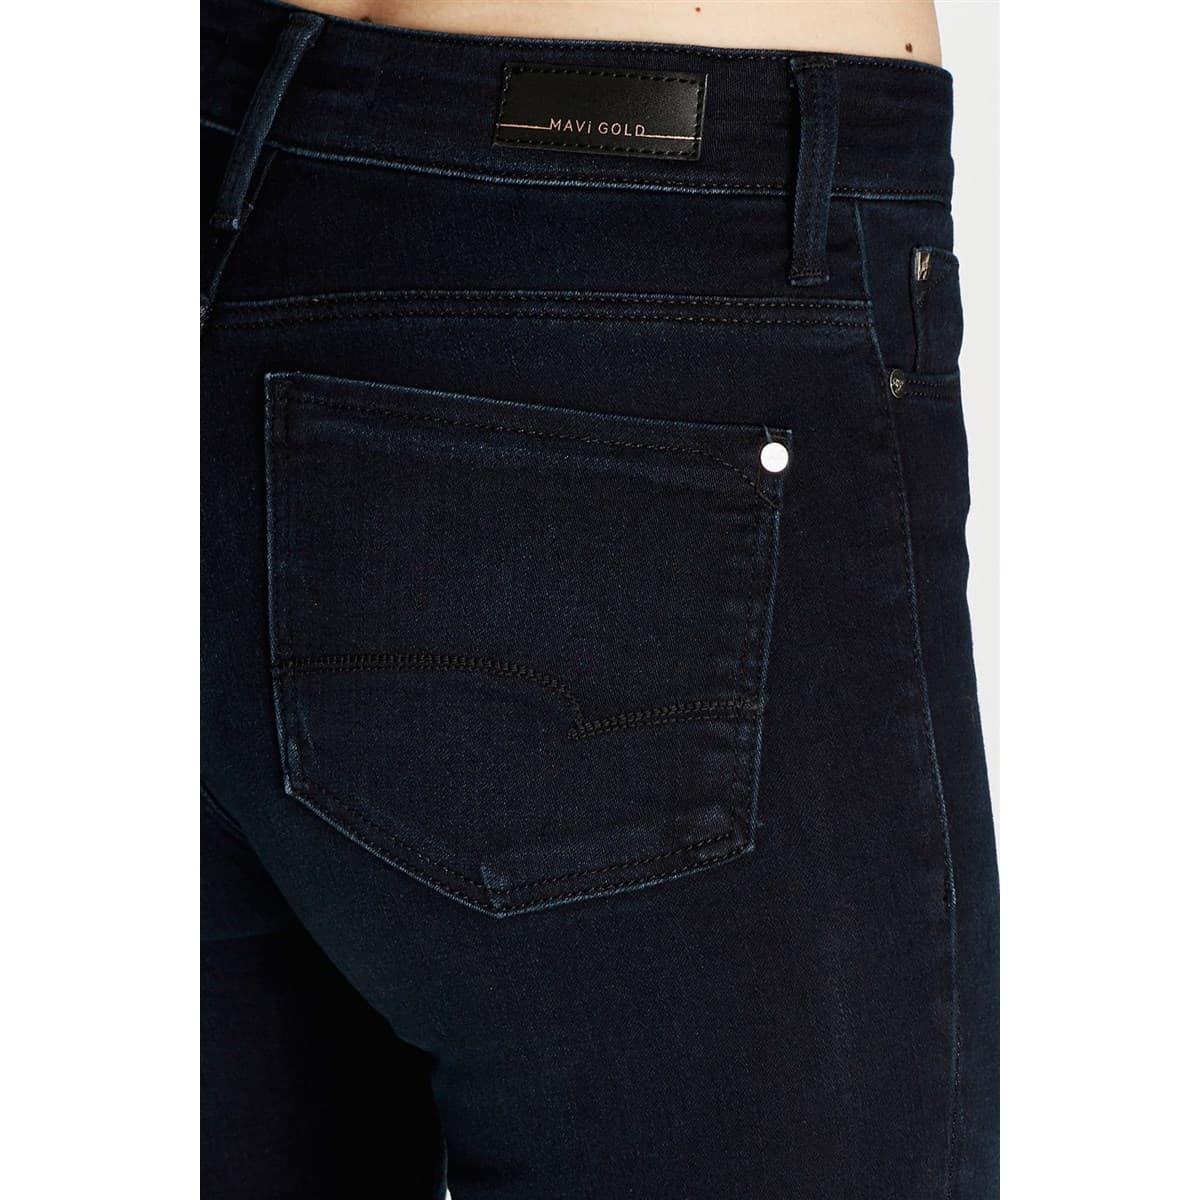 Alissa Gold Jean Kadın Lacivert Kot Pantolon